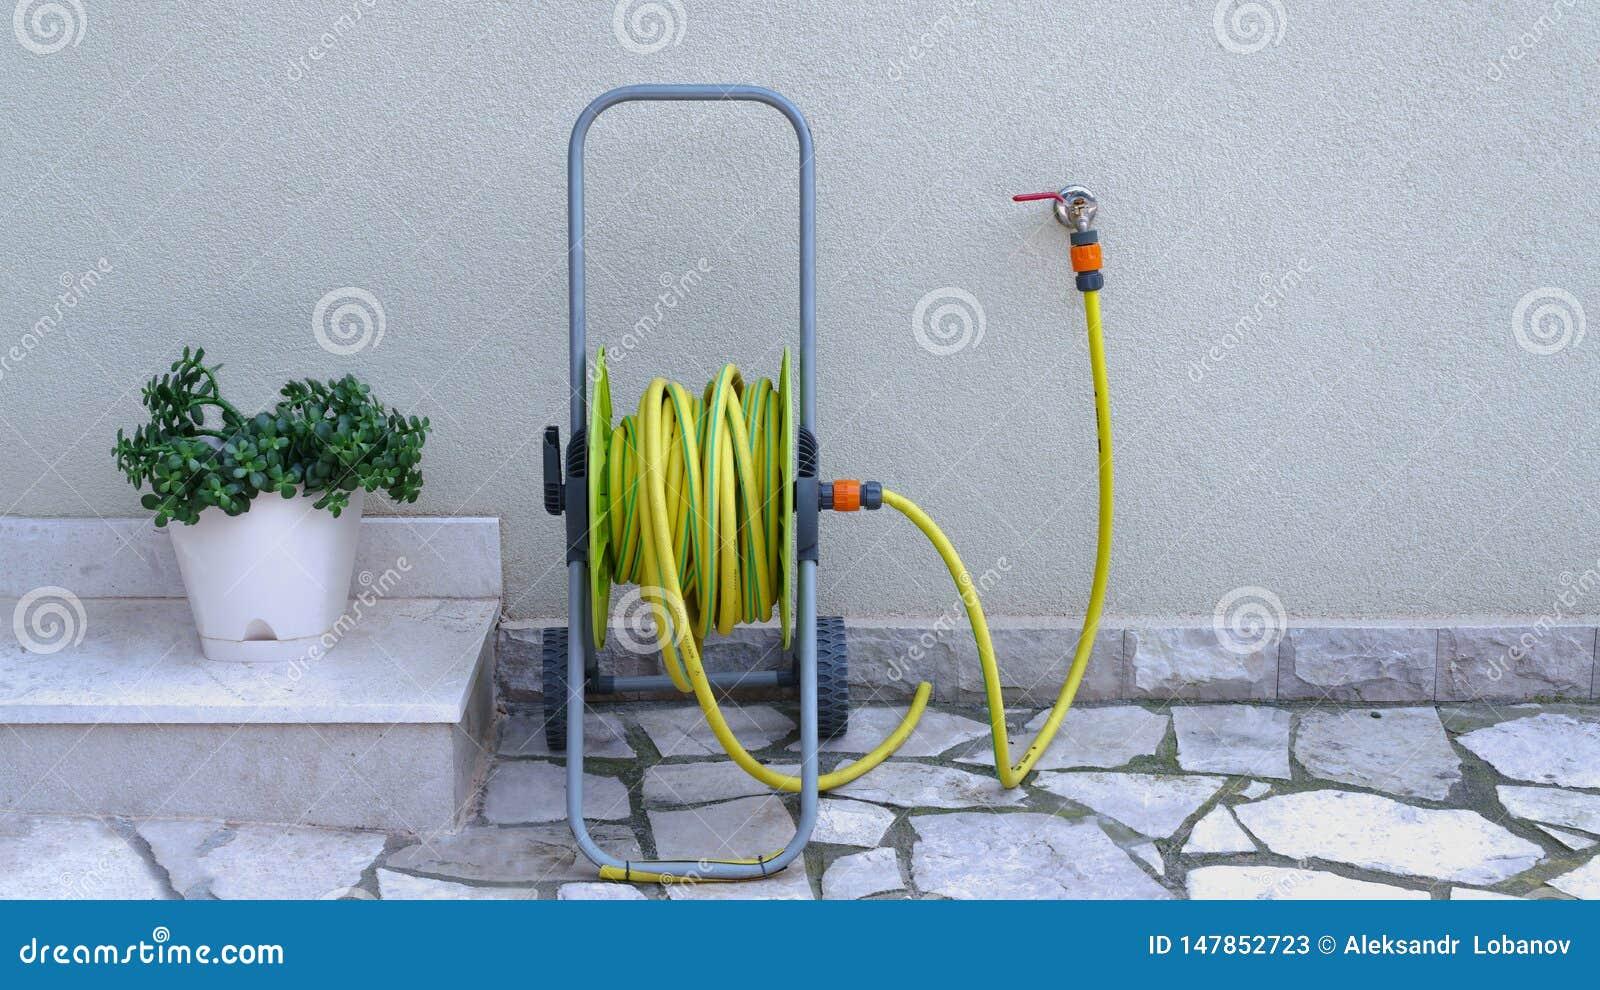 Tuinslang voor irrigatie dichtbij de huismuur